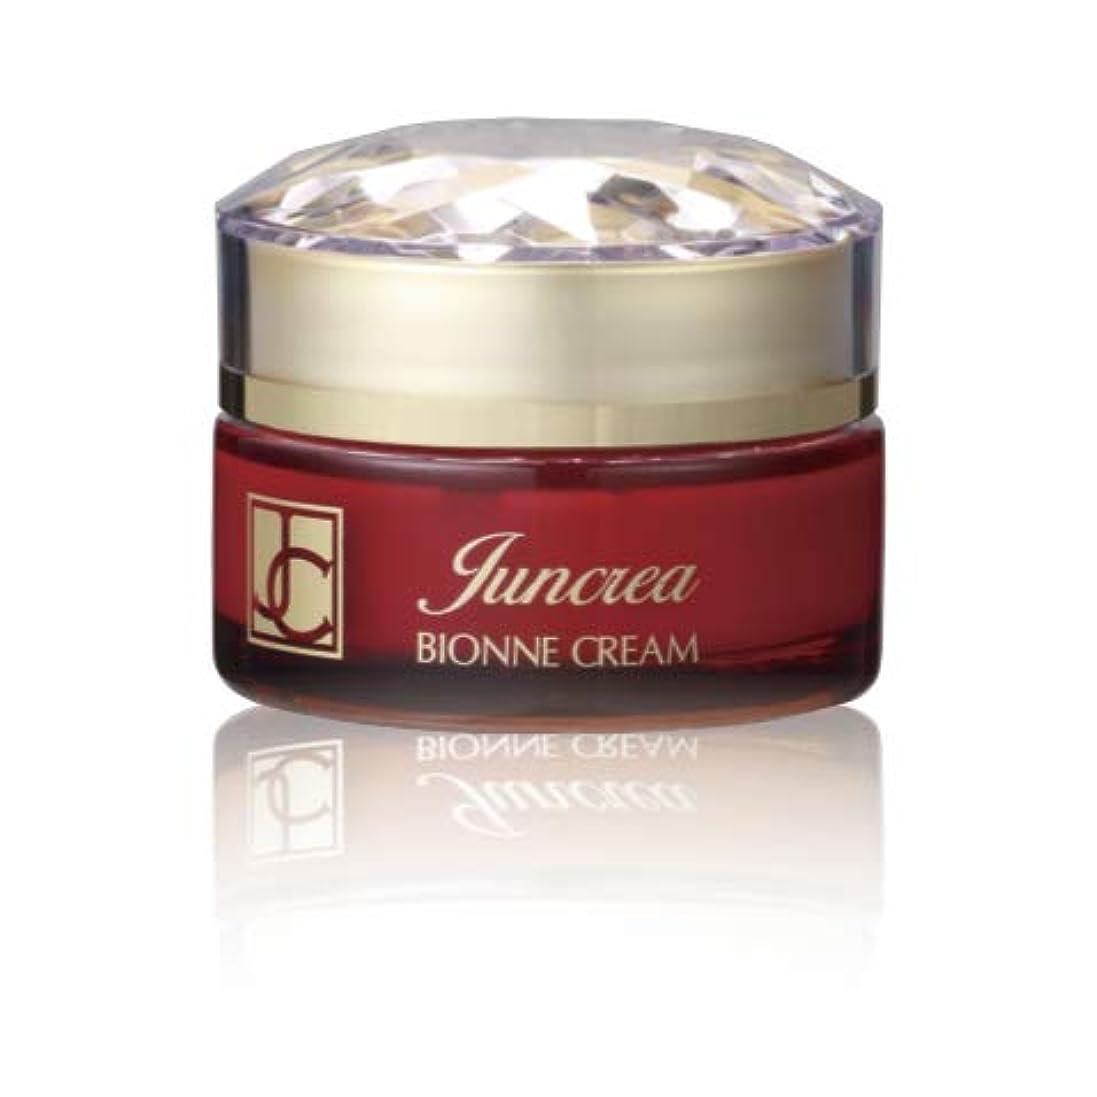 後ろに異なる光沢ジュンクレア化粧品 ビオンネクリーム 保湿クリーム